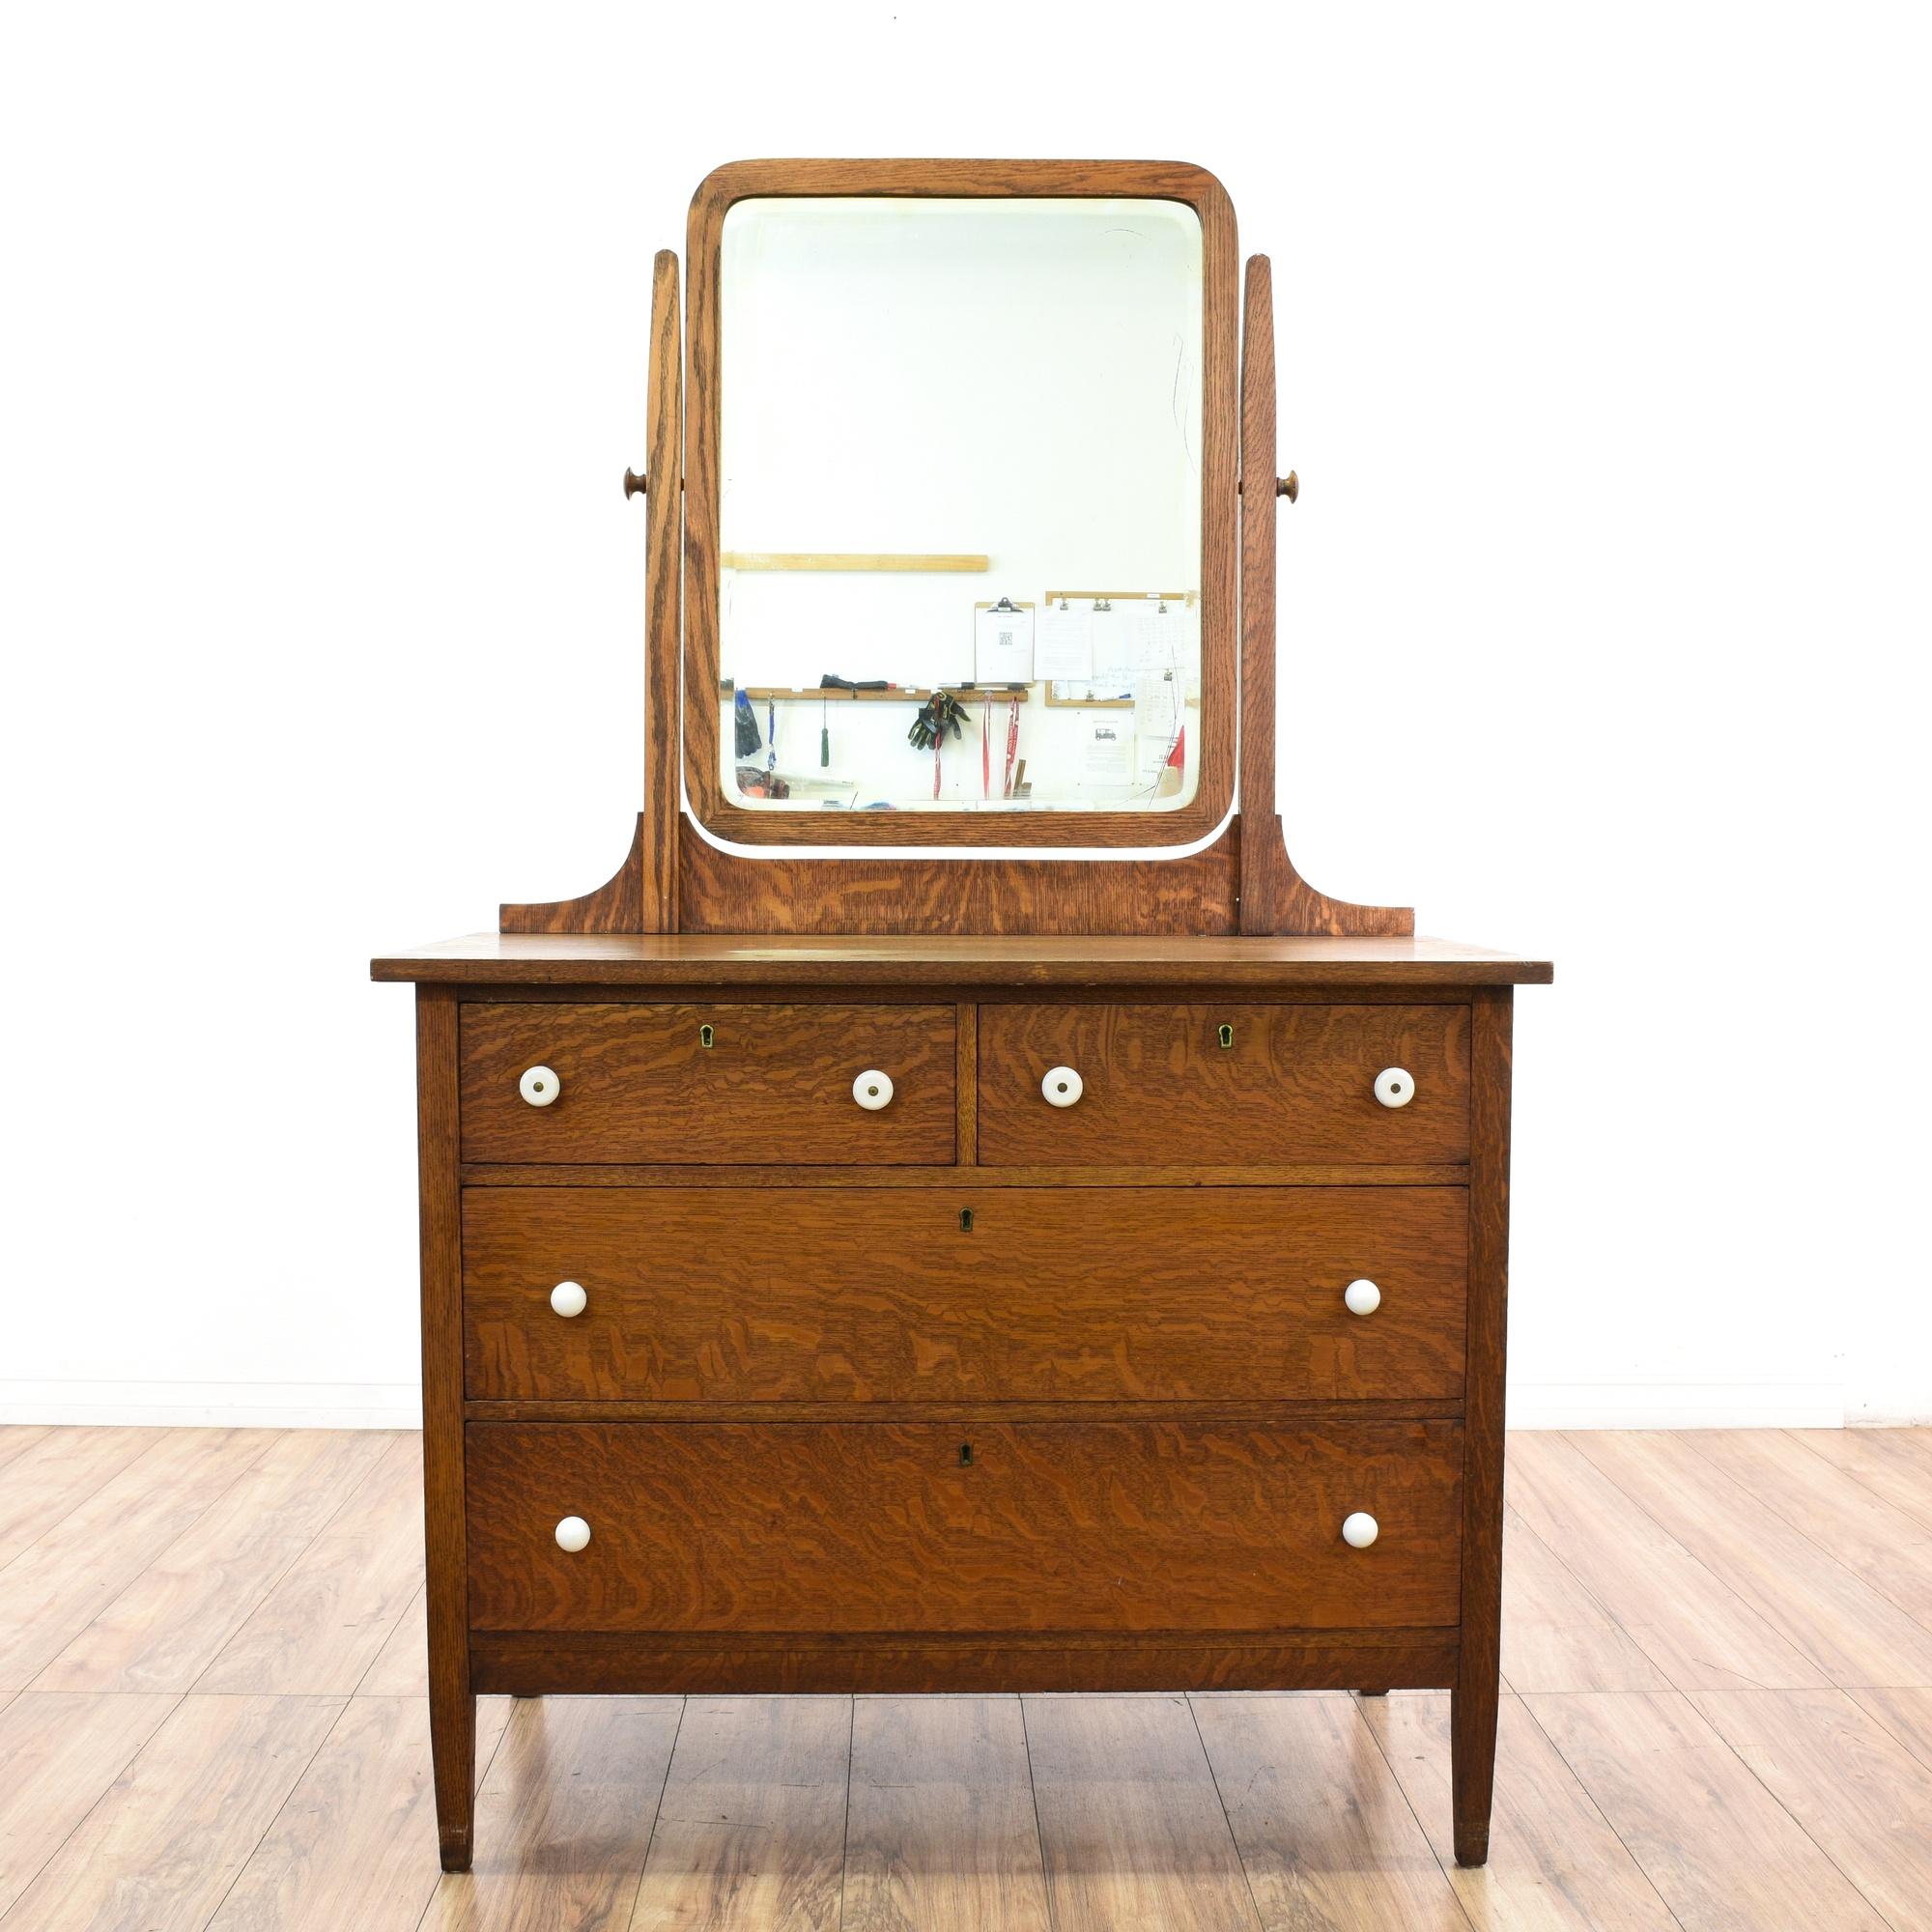 antique tiger oak vanity dresser w mirror loveseat vintage furniture san diego los angeles. Black Bedroom Furniture Sets. Home Design Ideas